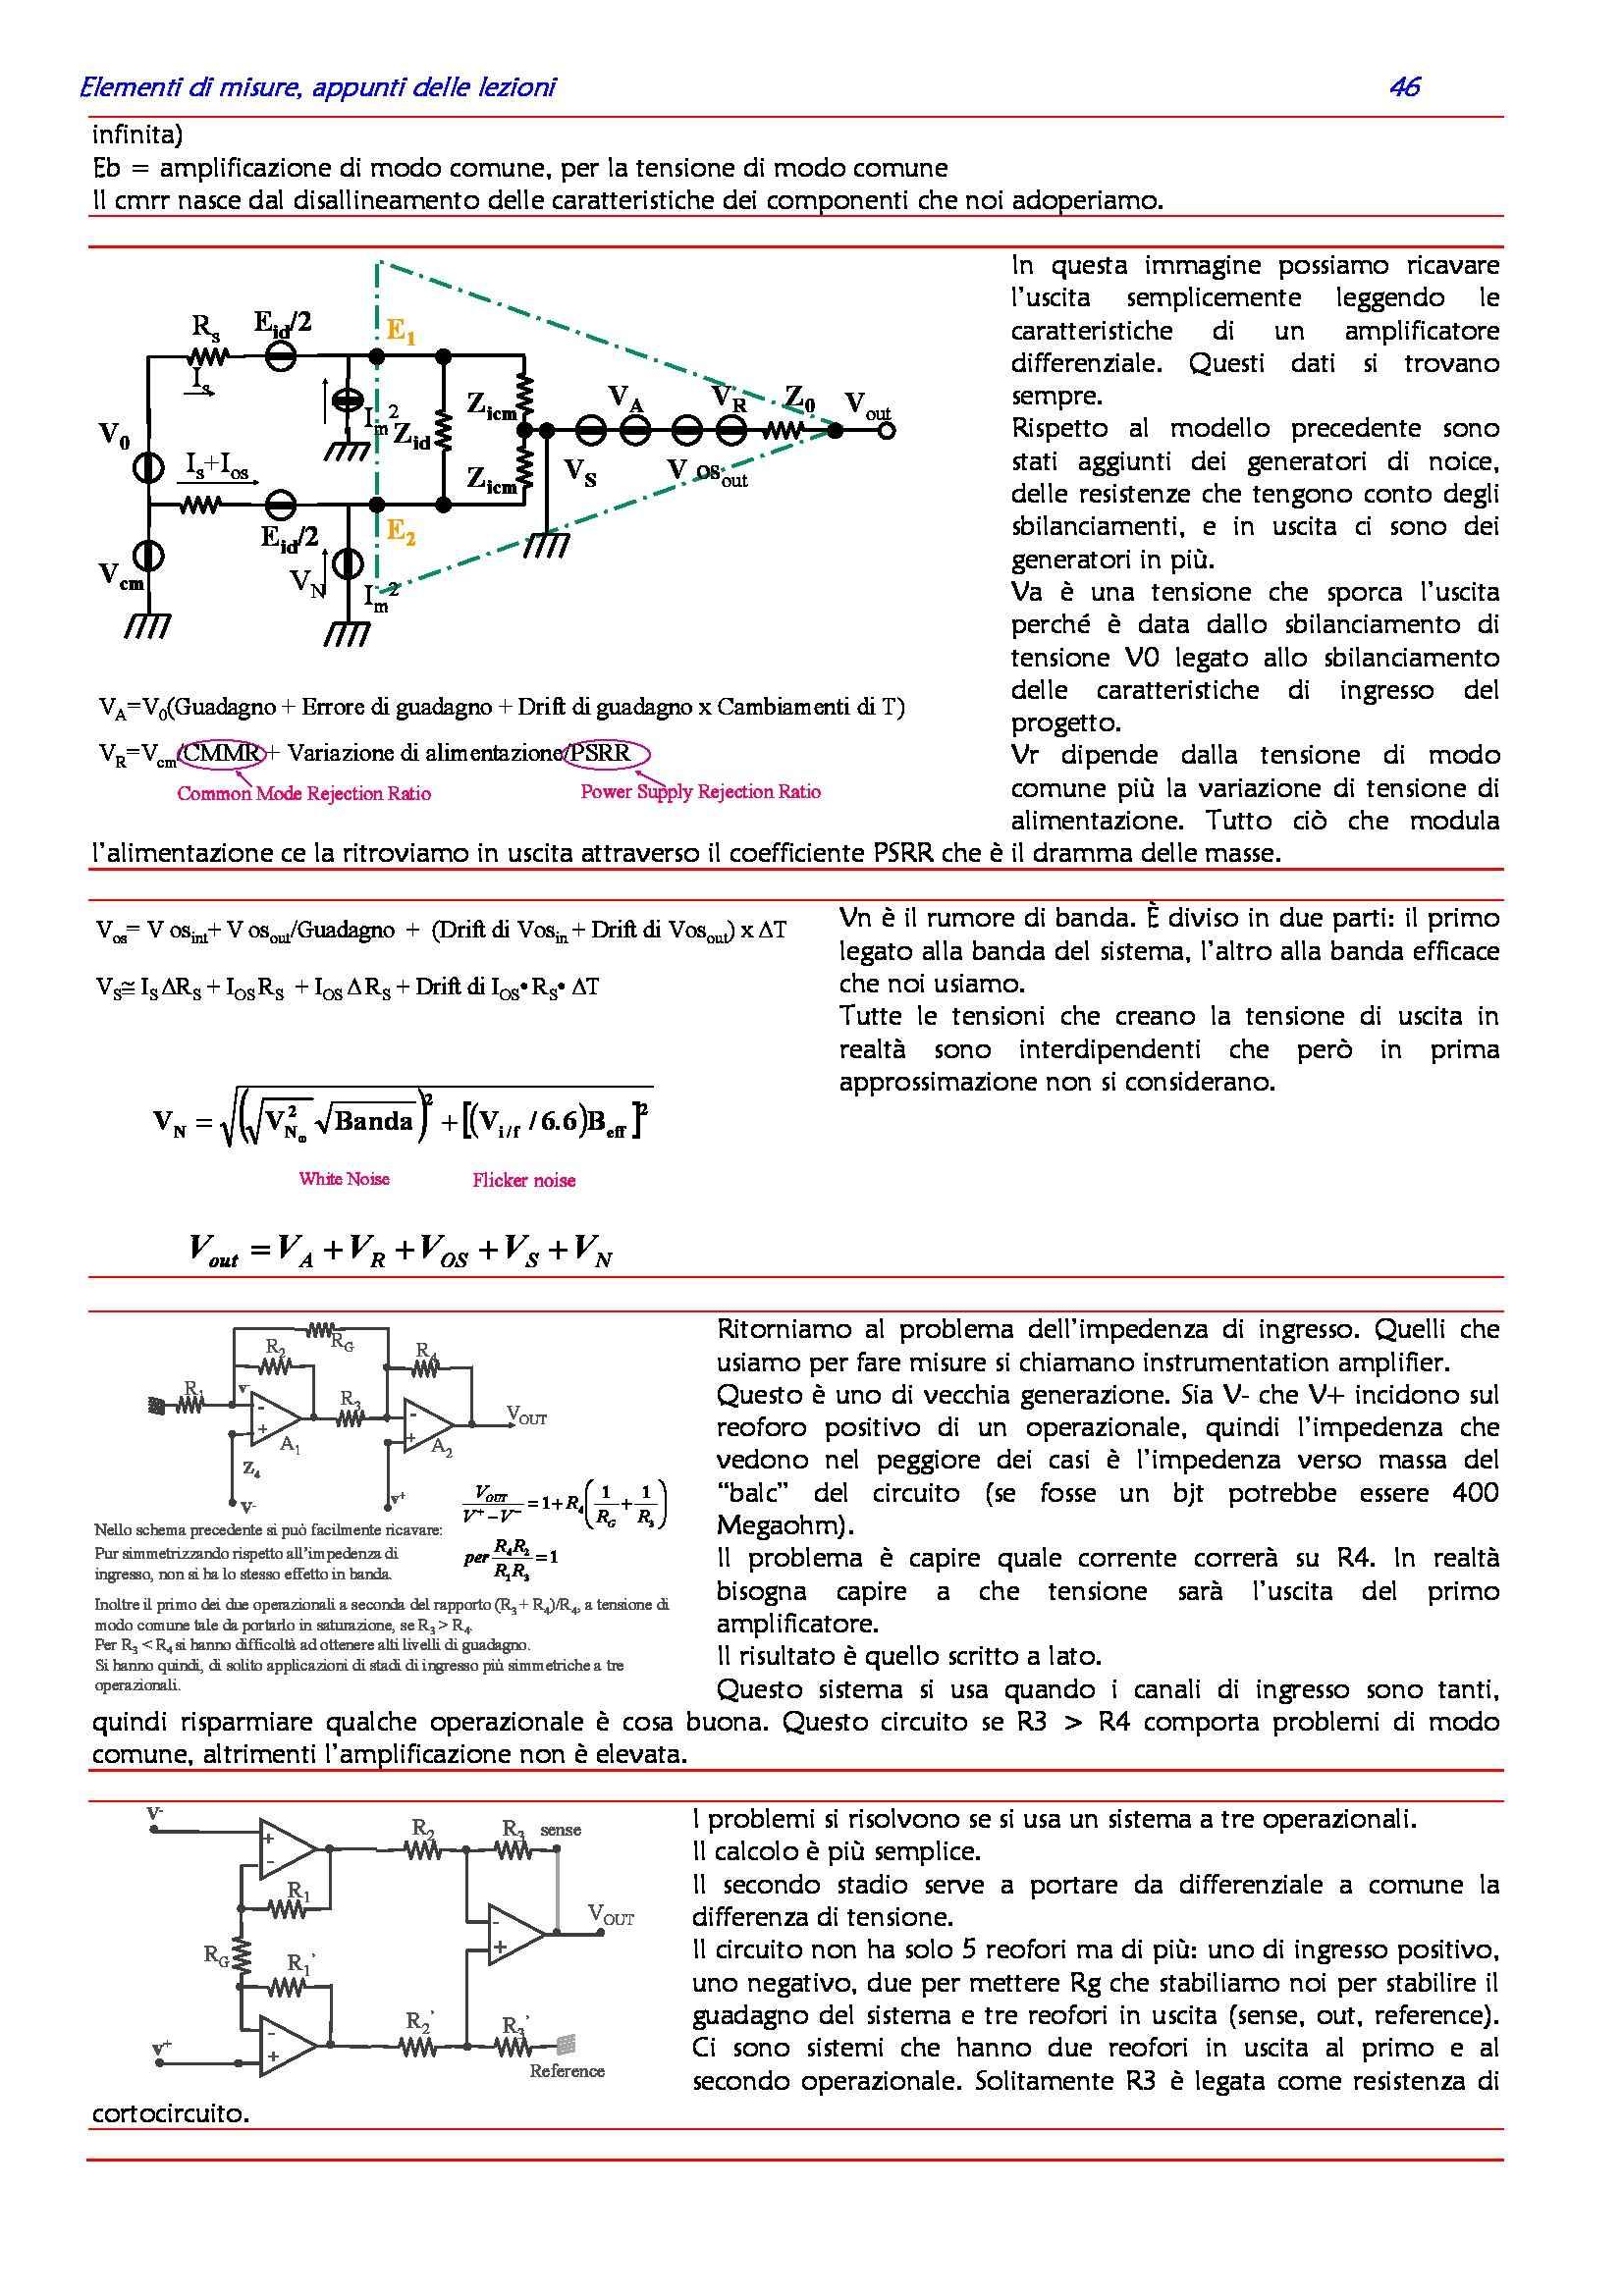 Elementi di misure elettroniche - Appunti Pag. 46